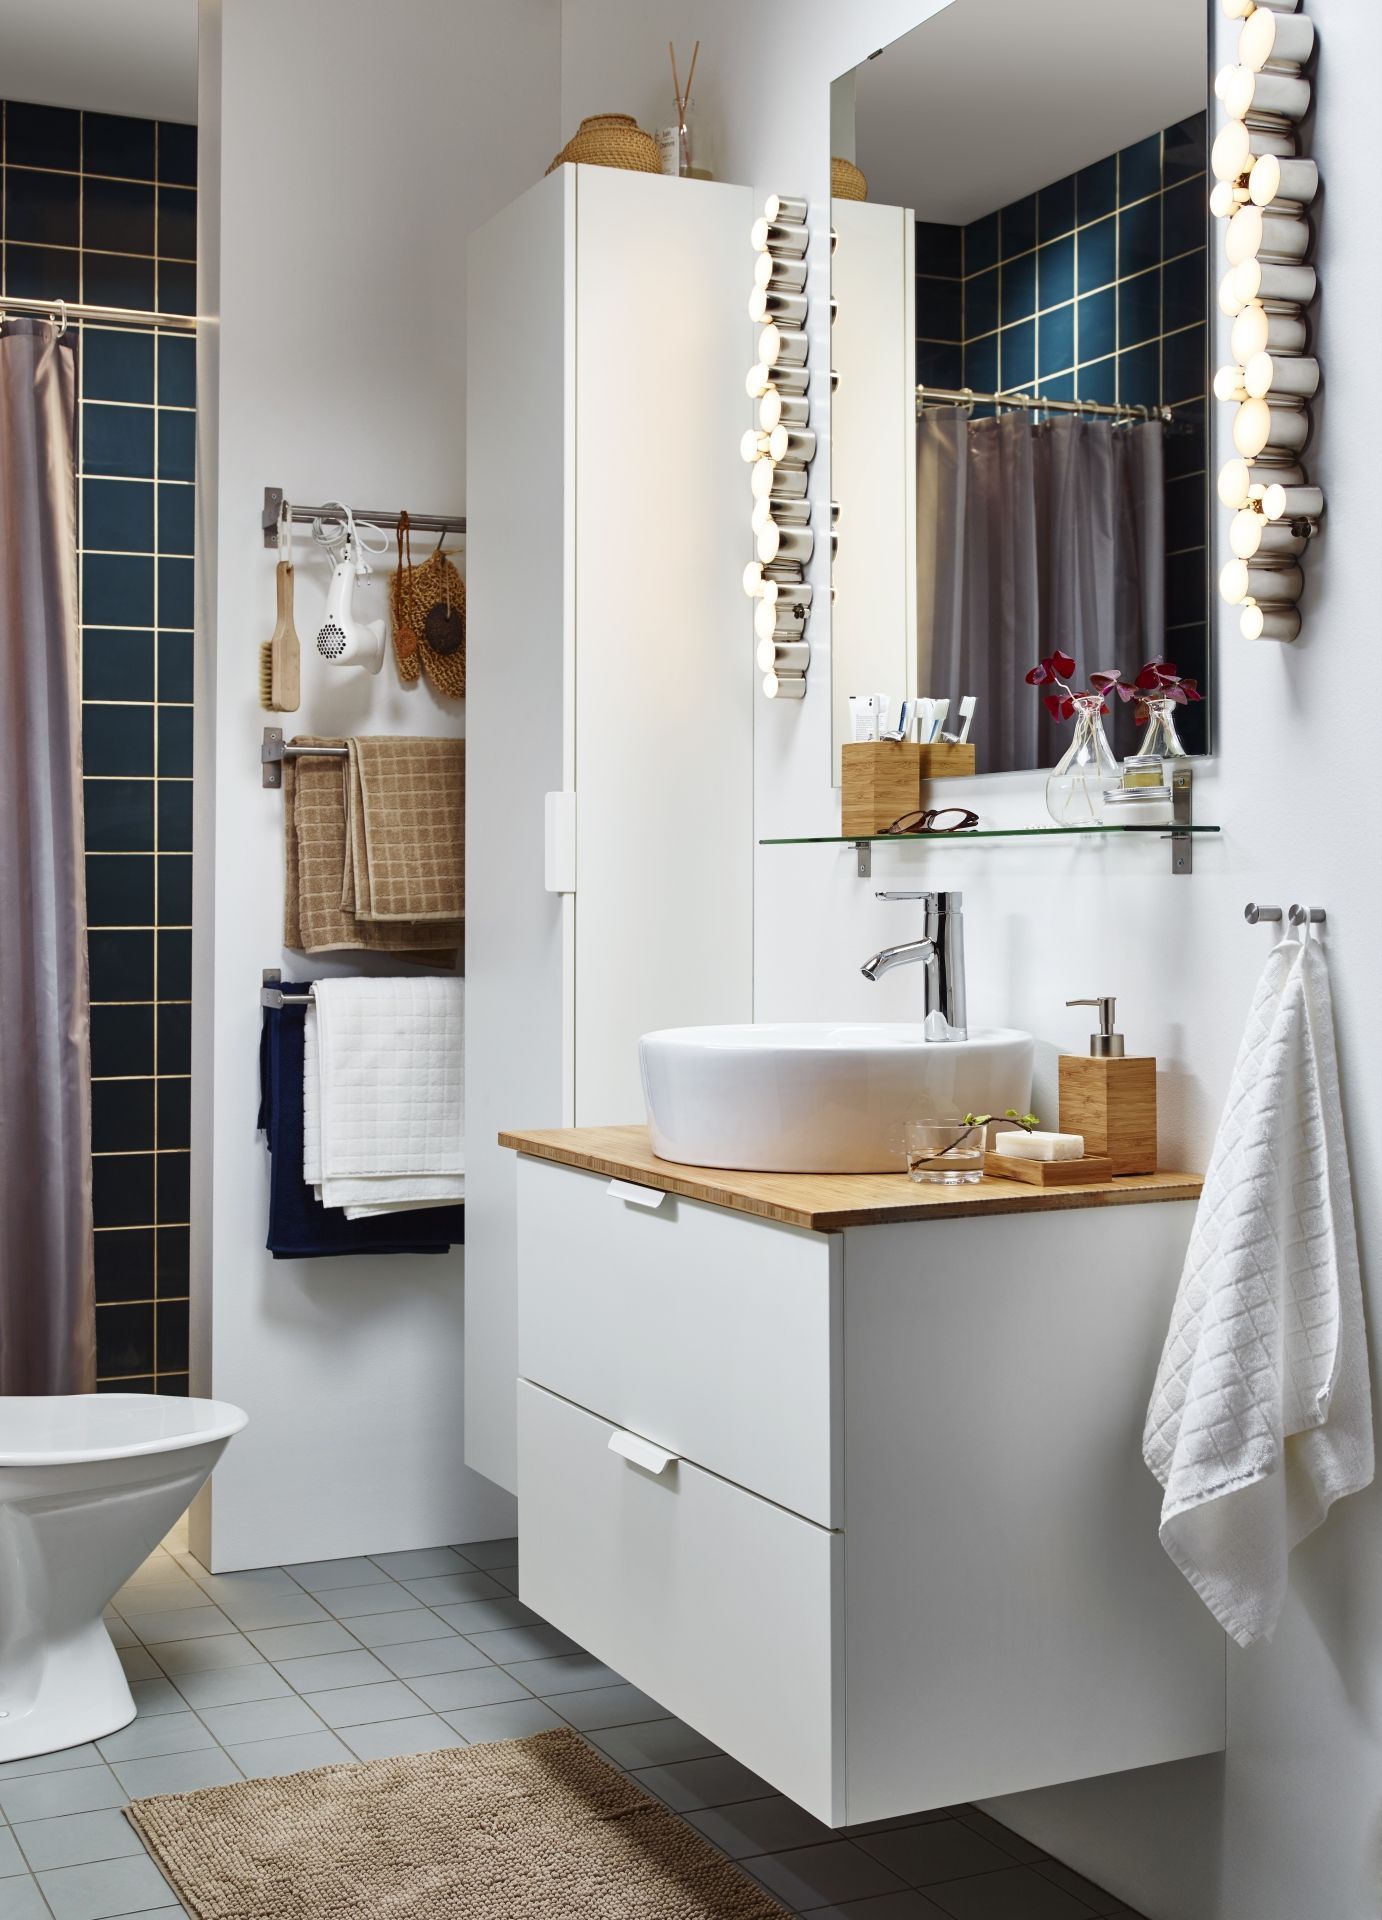 Muebles decoraci n y productos para el hogar ba os for Gabinete de almacenamiento de bano barato